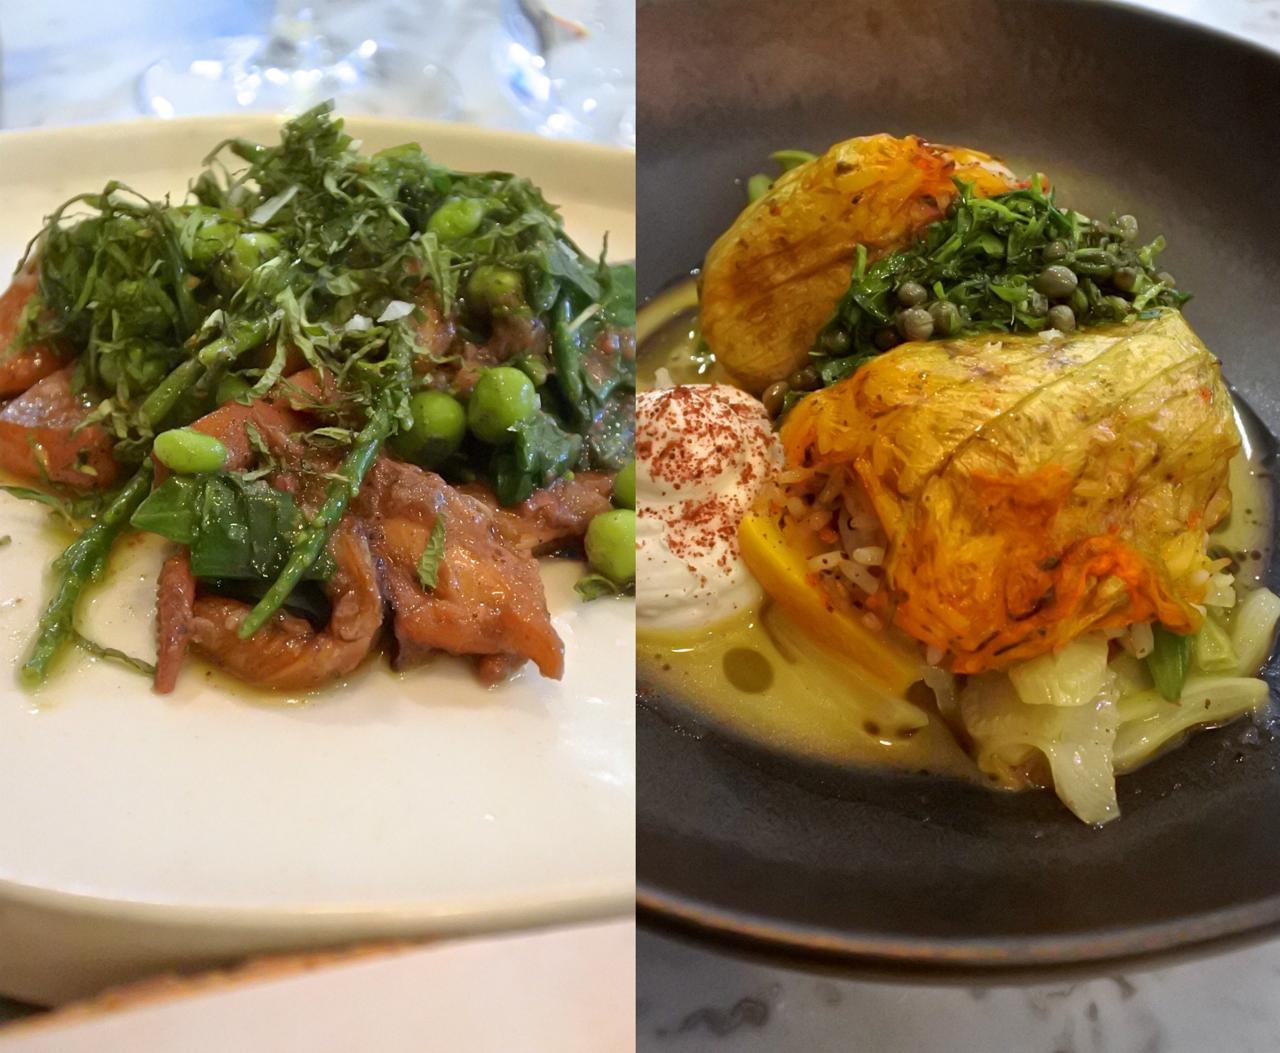 右がズッキーニのライス詰め、左がイカ料理。